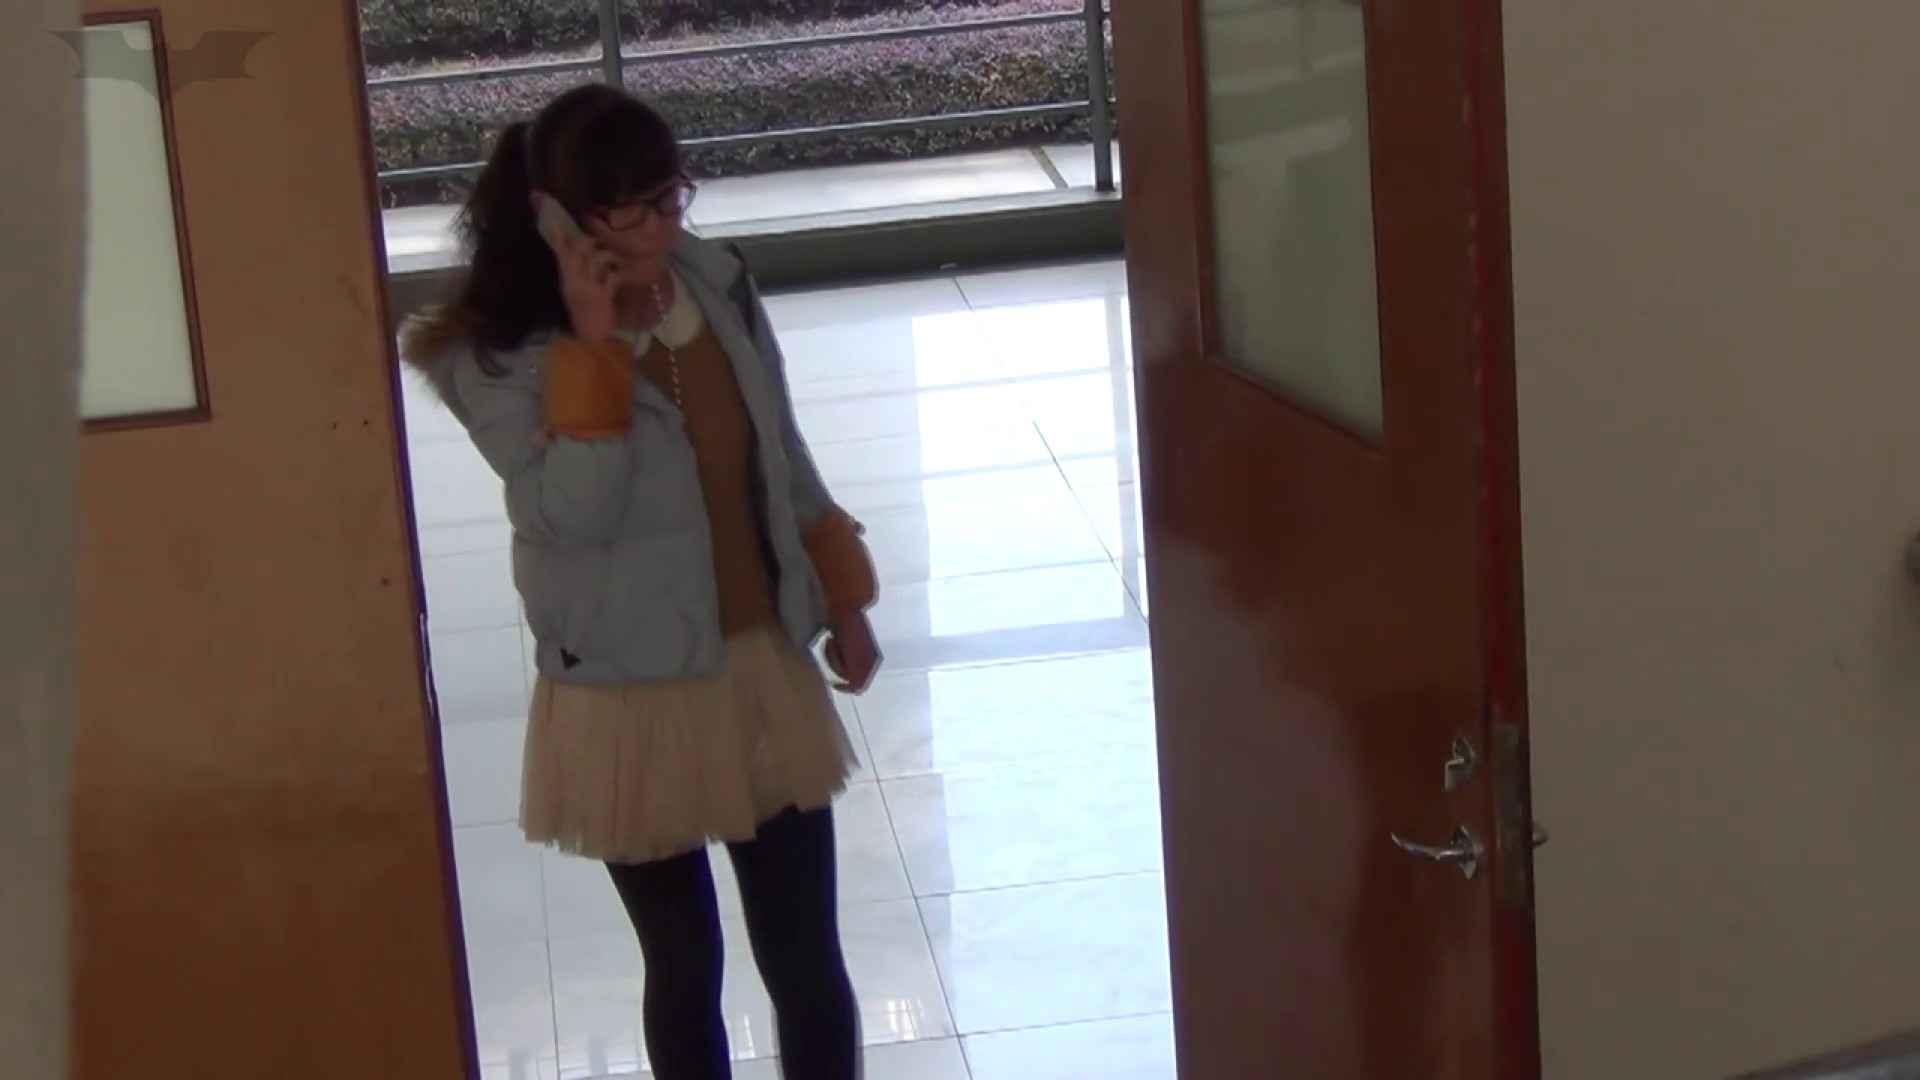 JD盗撮 美女の洗面所の秘密 Vol.24 盗撮大放出 おまんこ無修正動画無料 38連発 27